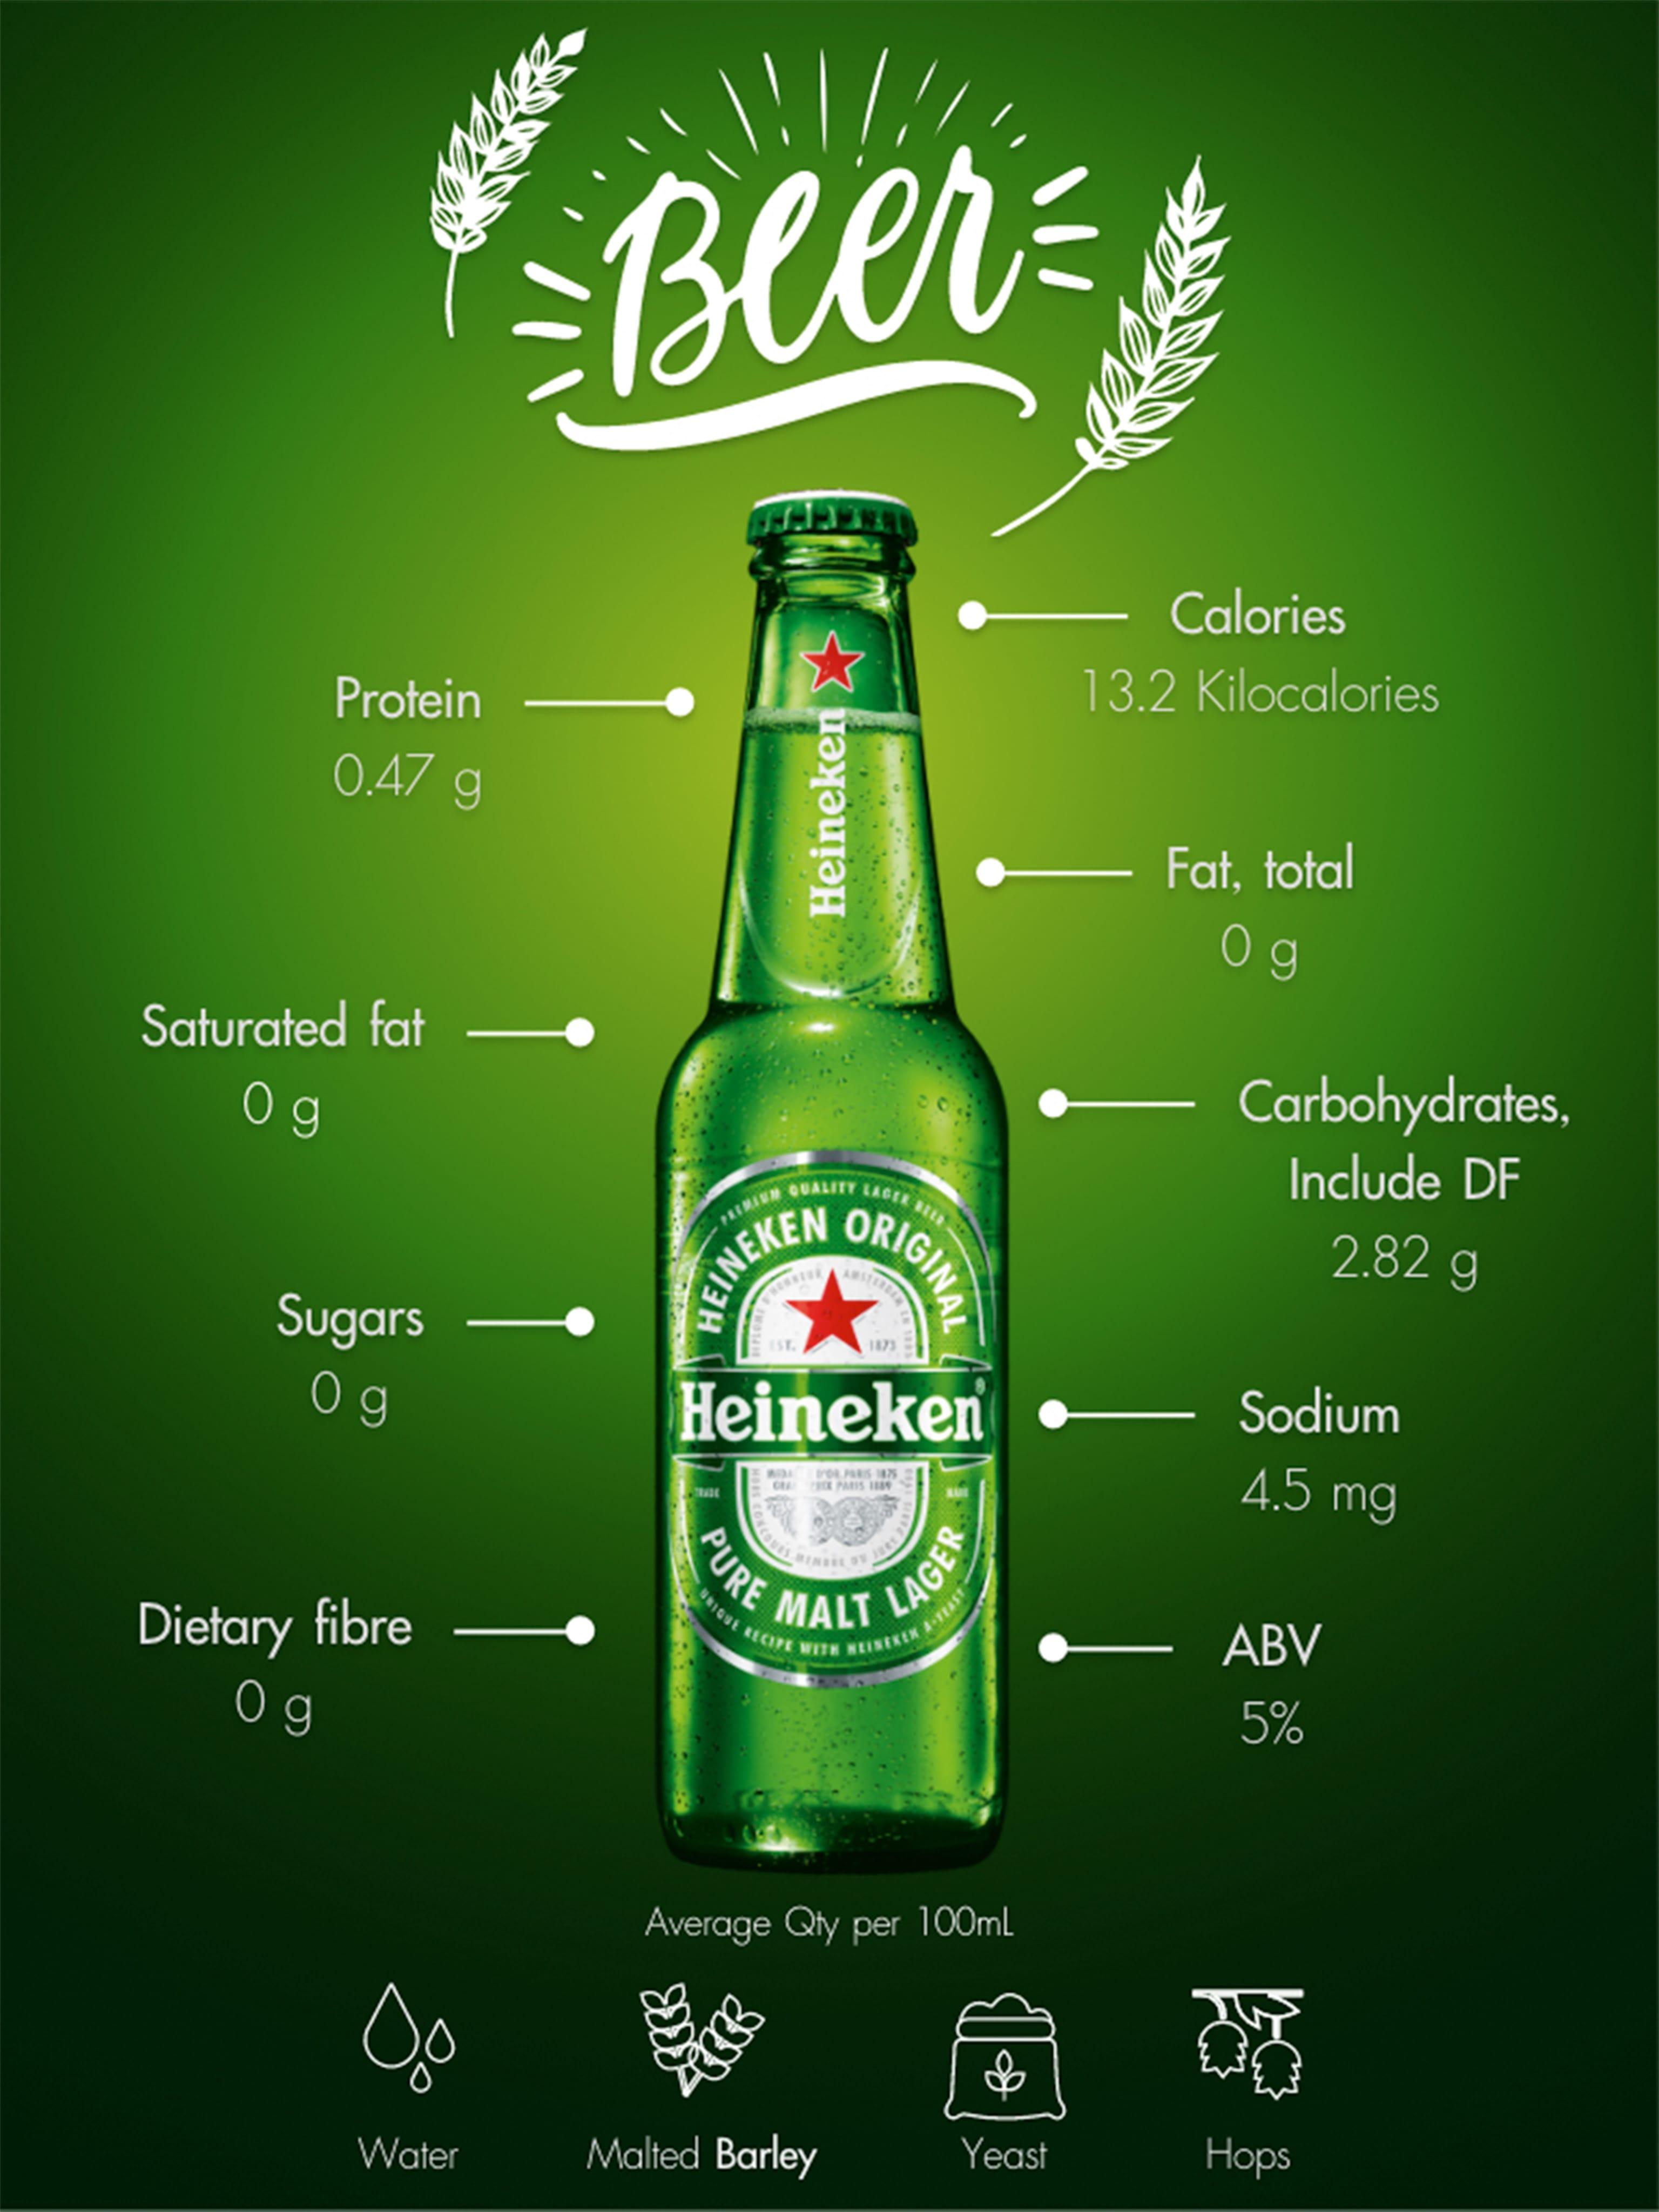 Heineken Original Nutrition Information